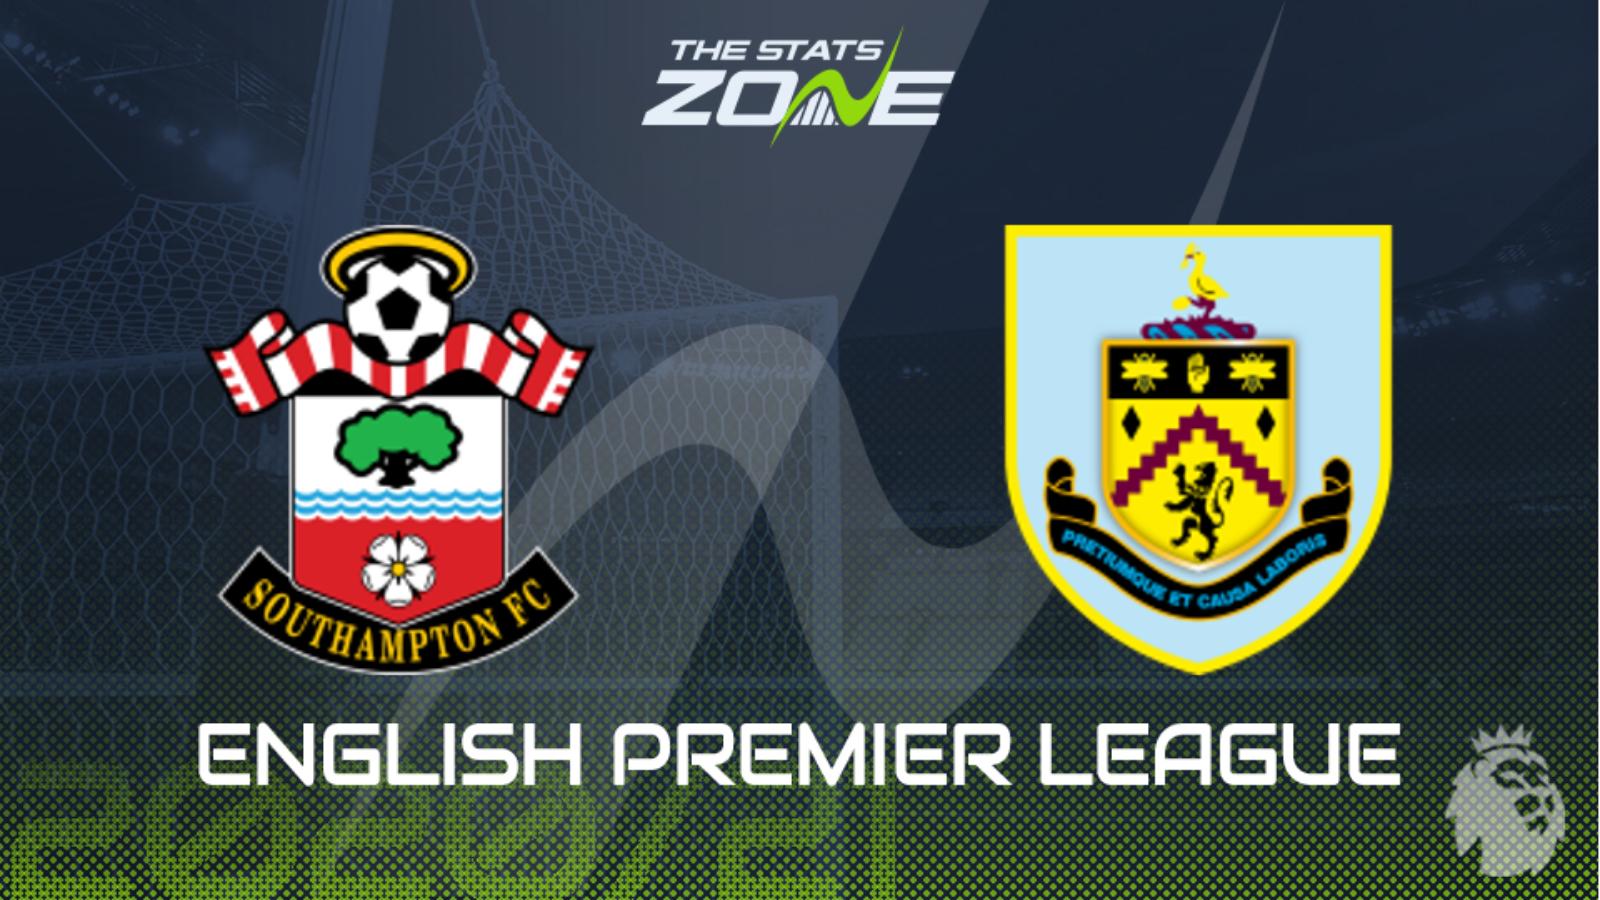 Southampton vs Burnley Full Match – Premier League 2020/21